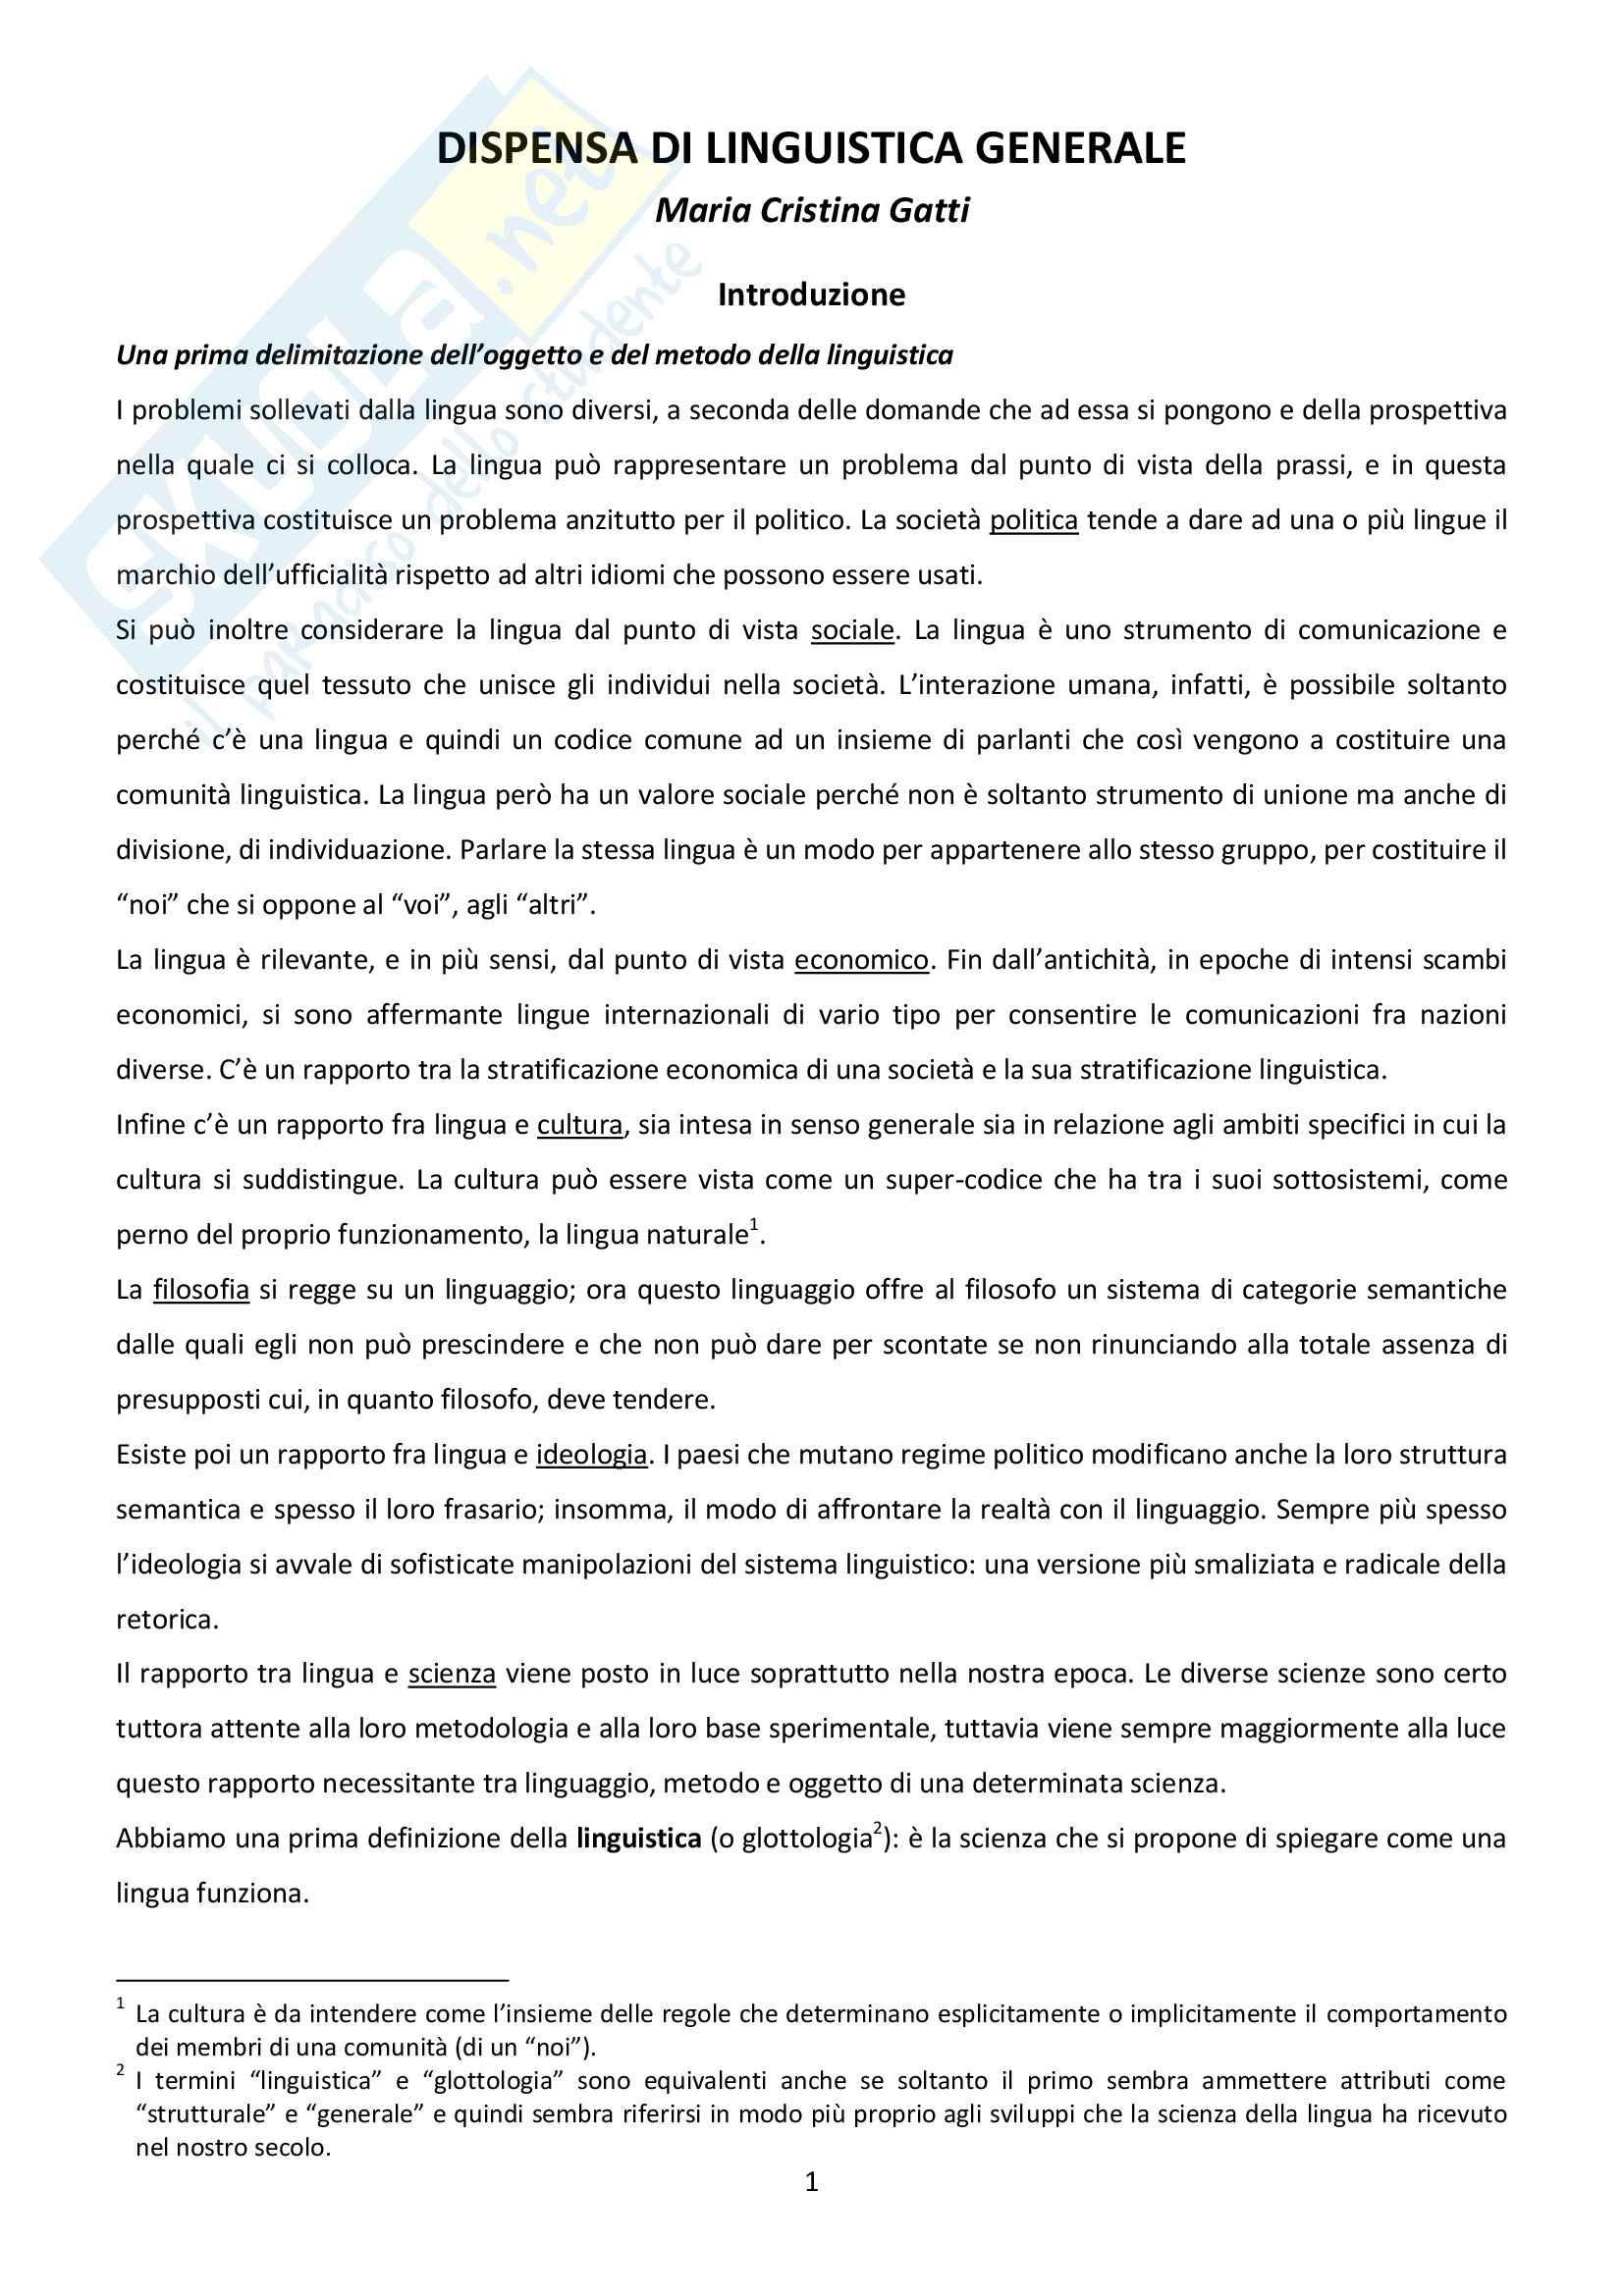 Riassunto esame Linguistica generale, docente Gatti, libro consigliato Dispensa e testi per il corso di: Linguistica Generale, M.C. Gatti